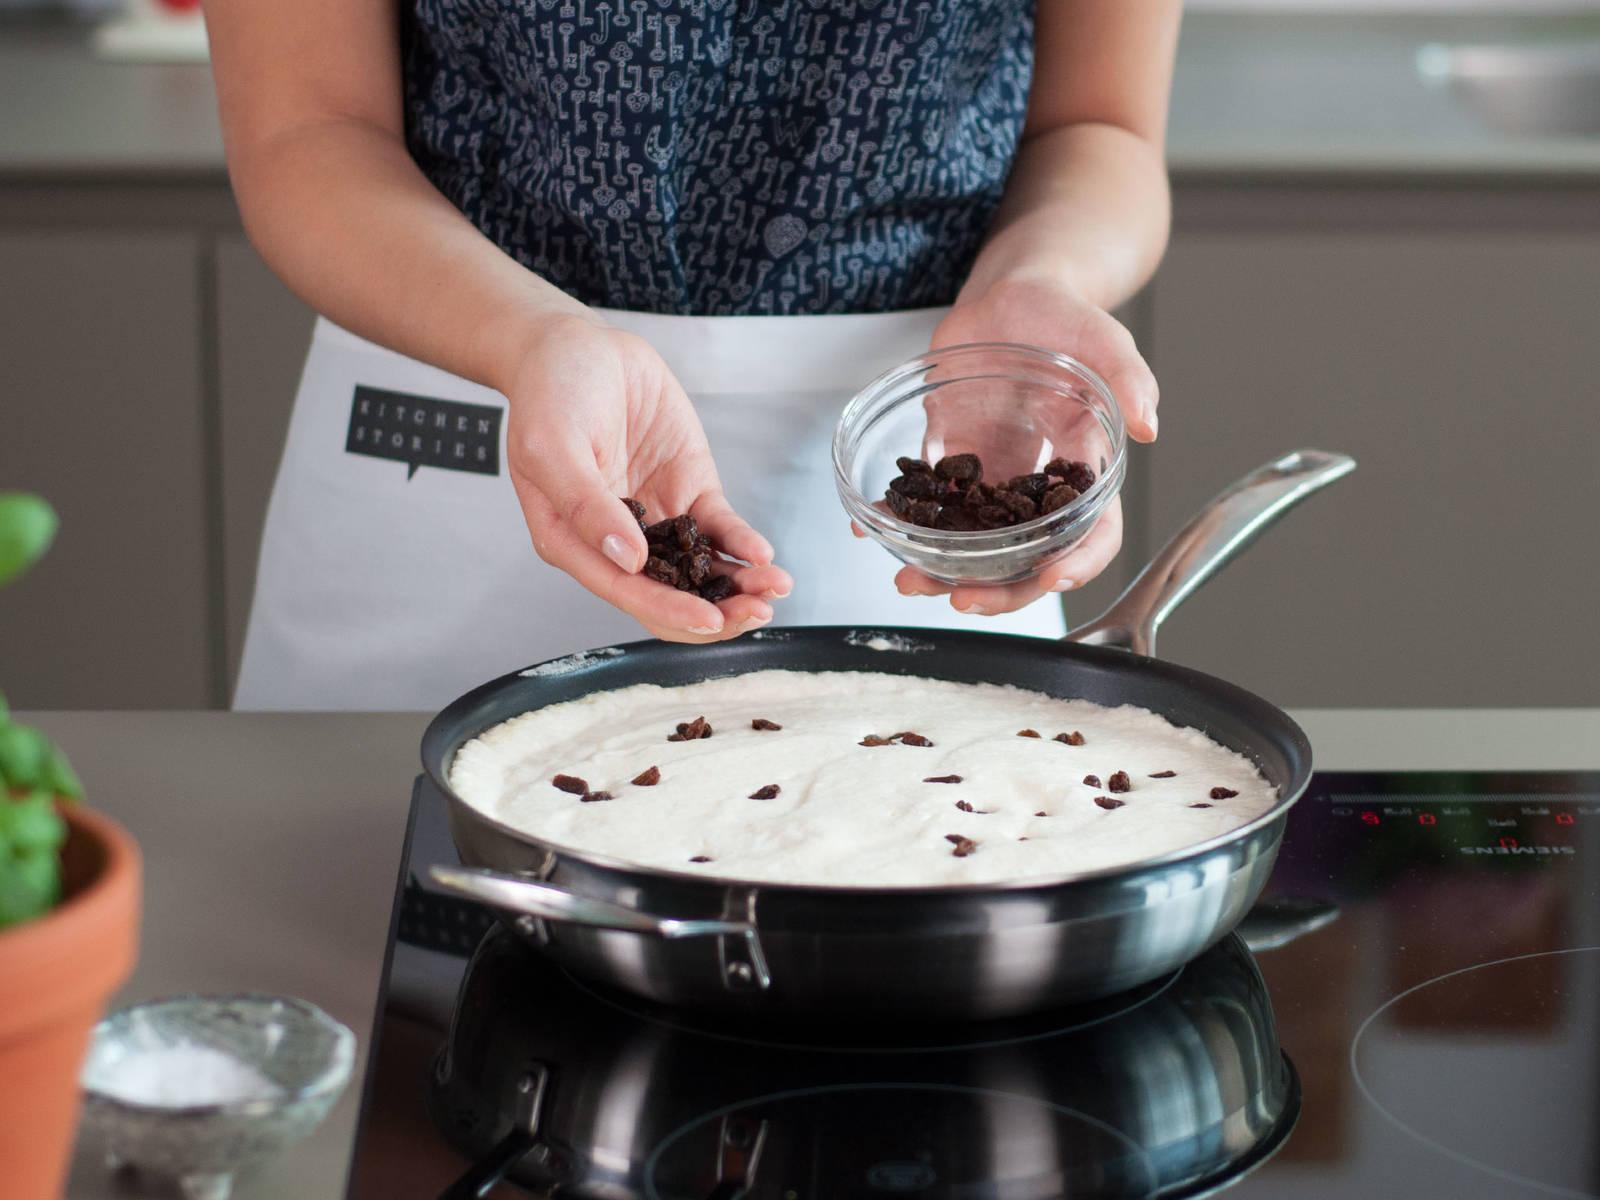 Butter in einer Pfanne bei mittlerer Hitze schmelzen lassen. Teig hinzufügen, mit Rosinen bestreuen und ca. 3 – 5 Min. backen. In den vorgeheizten Ofen geben und bei 220°C ca. 10 - 15 Min. weiter backen bis der Kaiserschmarrn goldfarben ist.